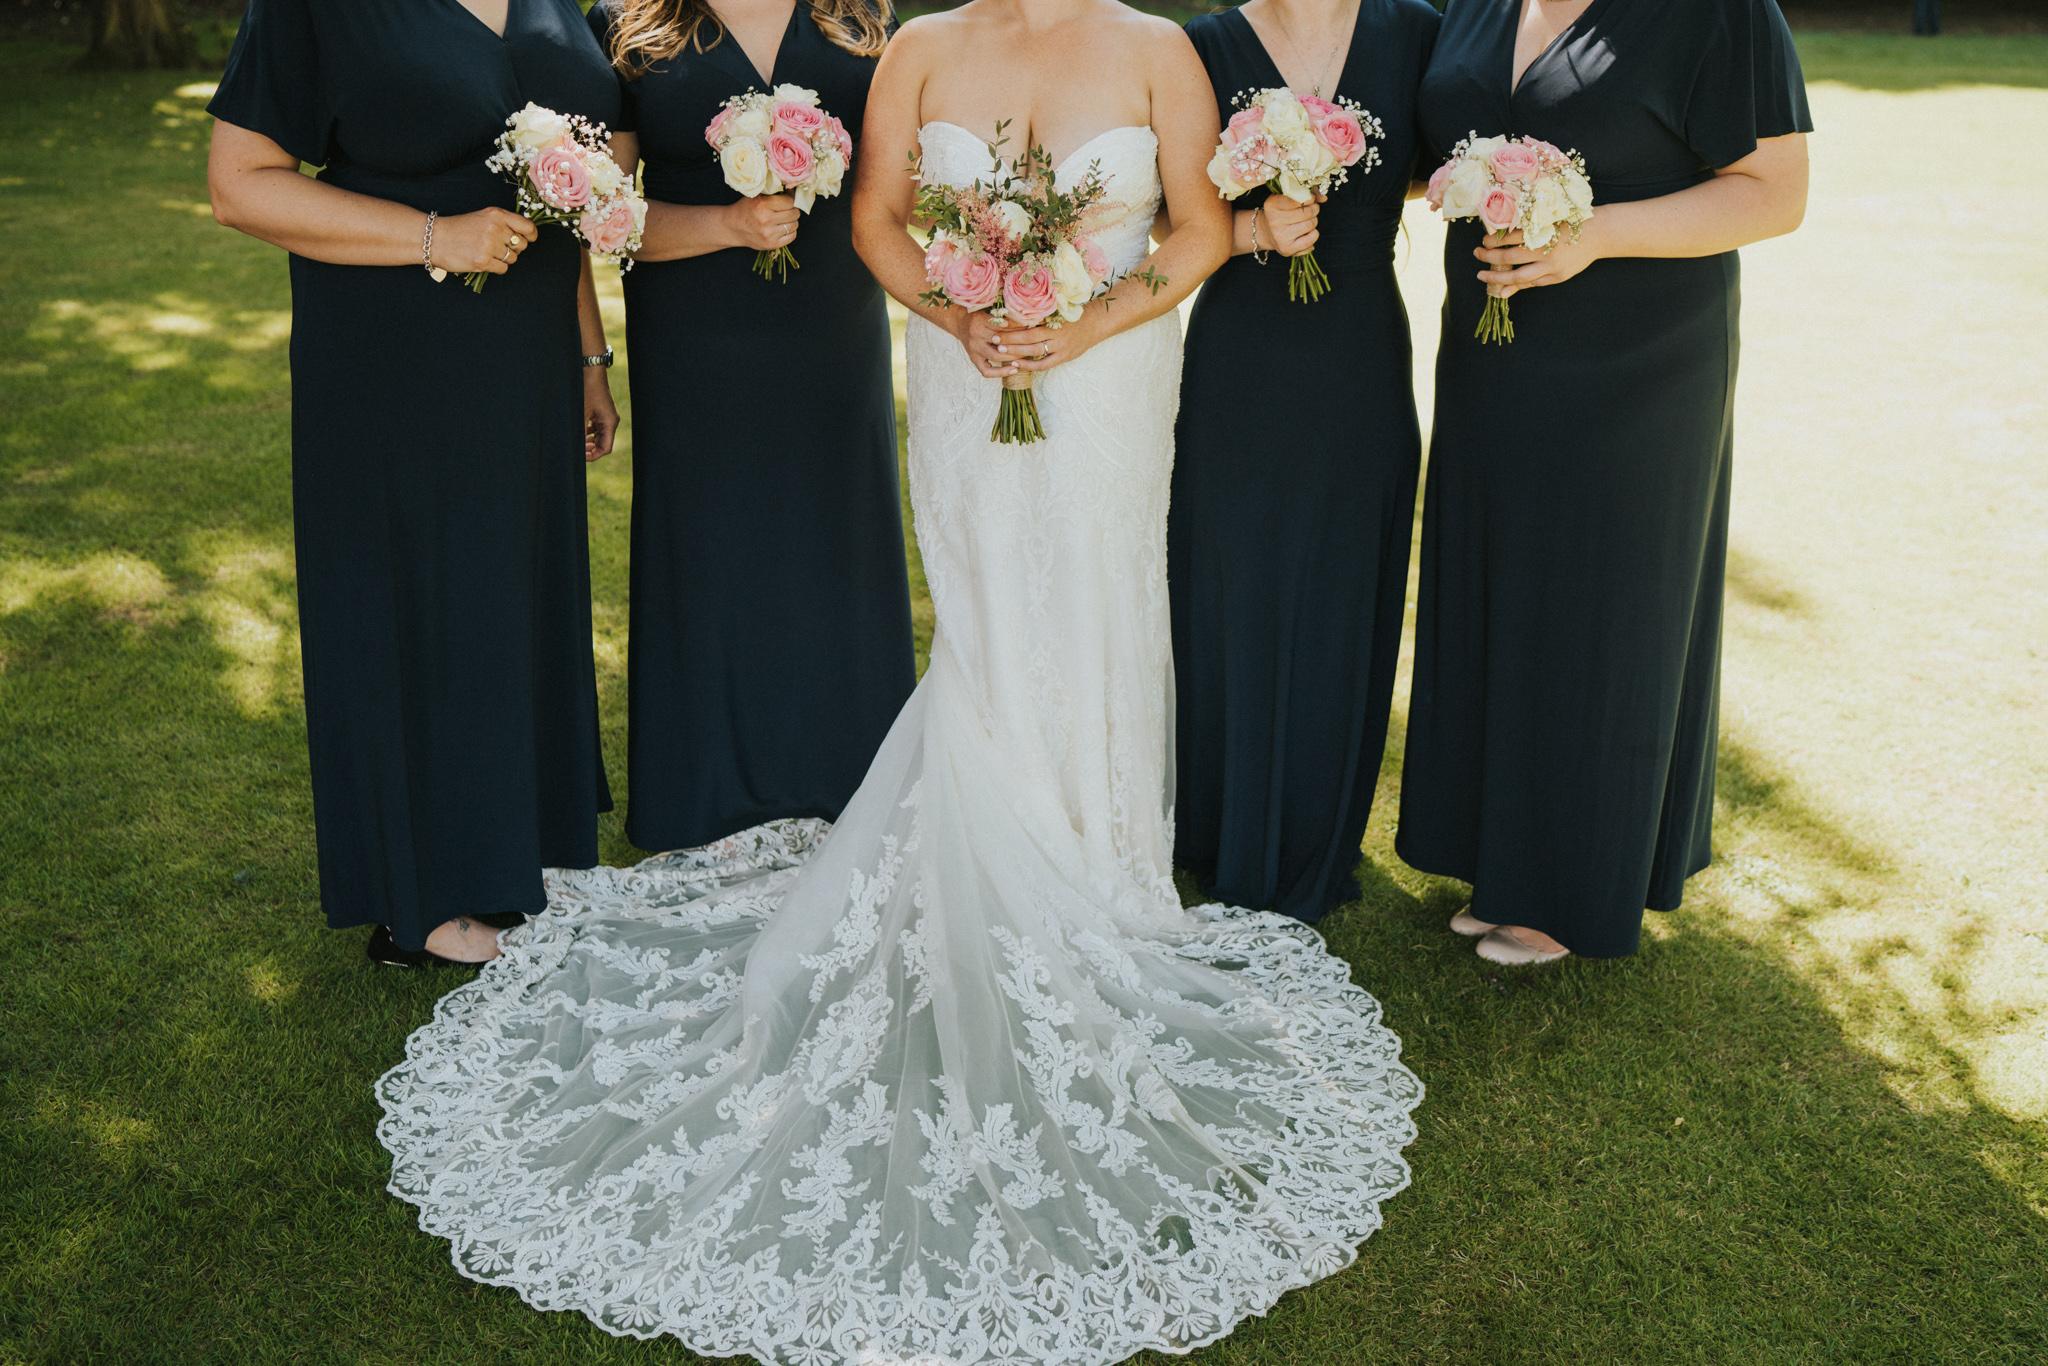 steph-neil-red-brick-barn-rochford-wedding-grace-elizabeth-colchester-essex-alternative-wedding-photographer-essex-suffolk-norfolk-devon (29 of 43).jpg